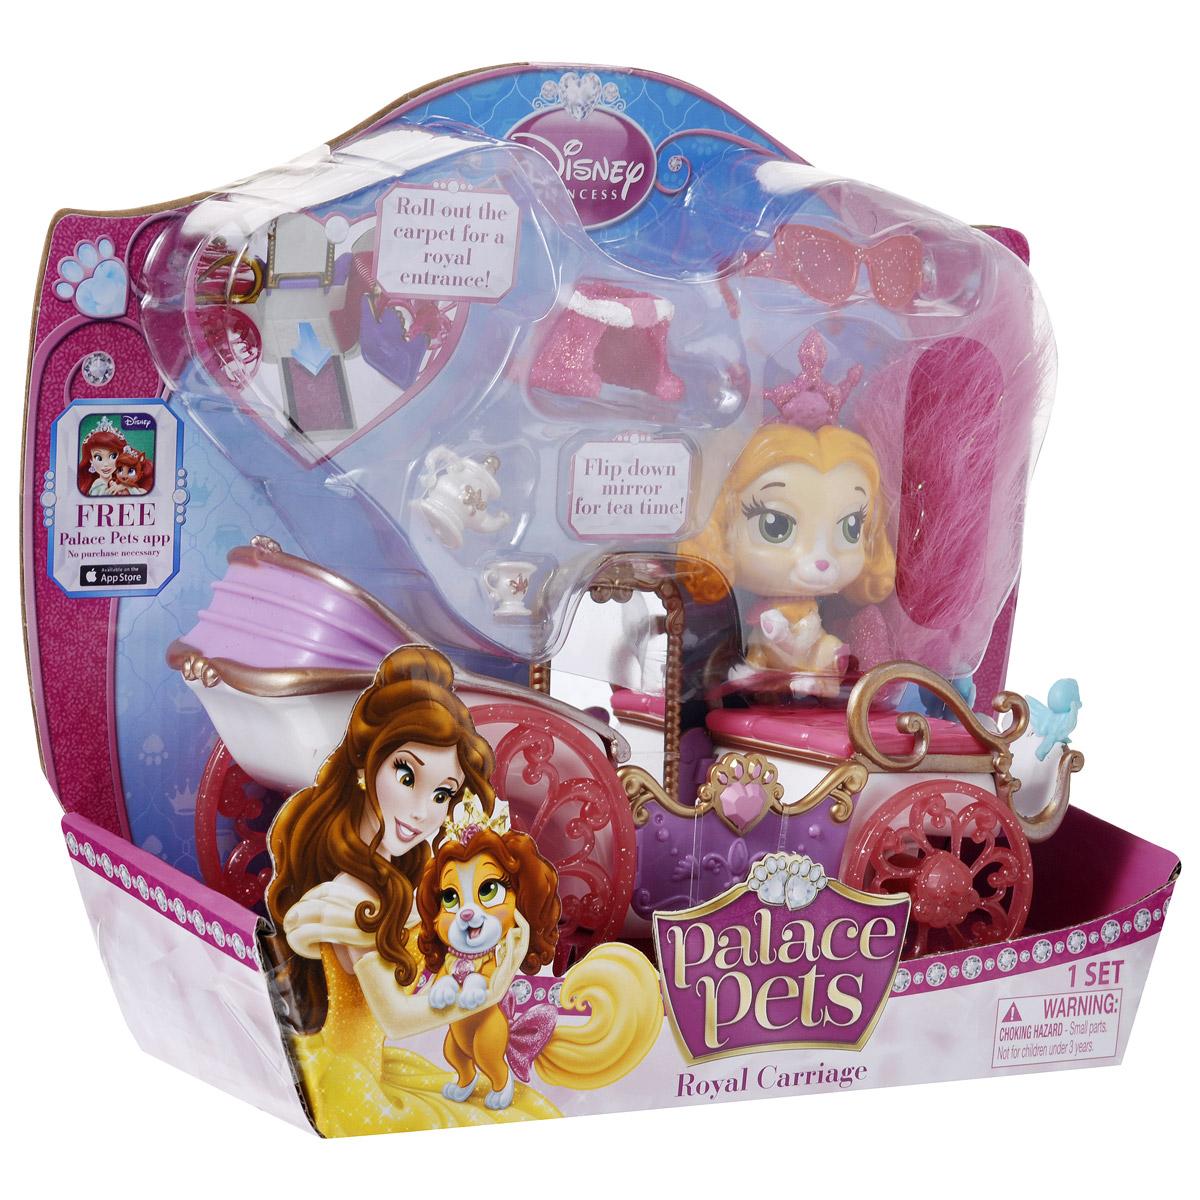 Palace Pets Игровой набор Карета с питомцем Белль palace pets игровой набор пони невеличка питомец бель